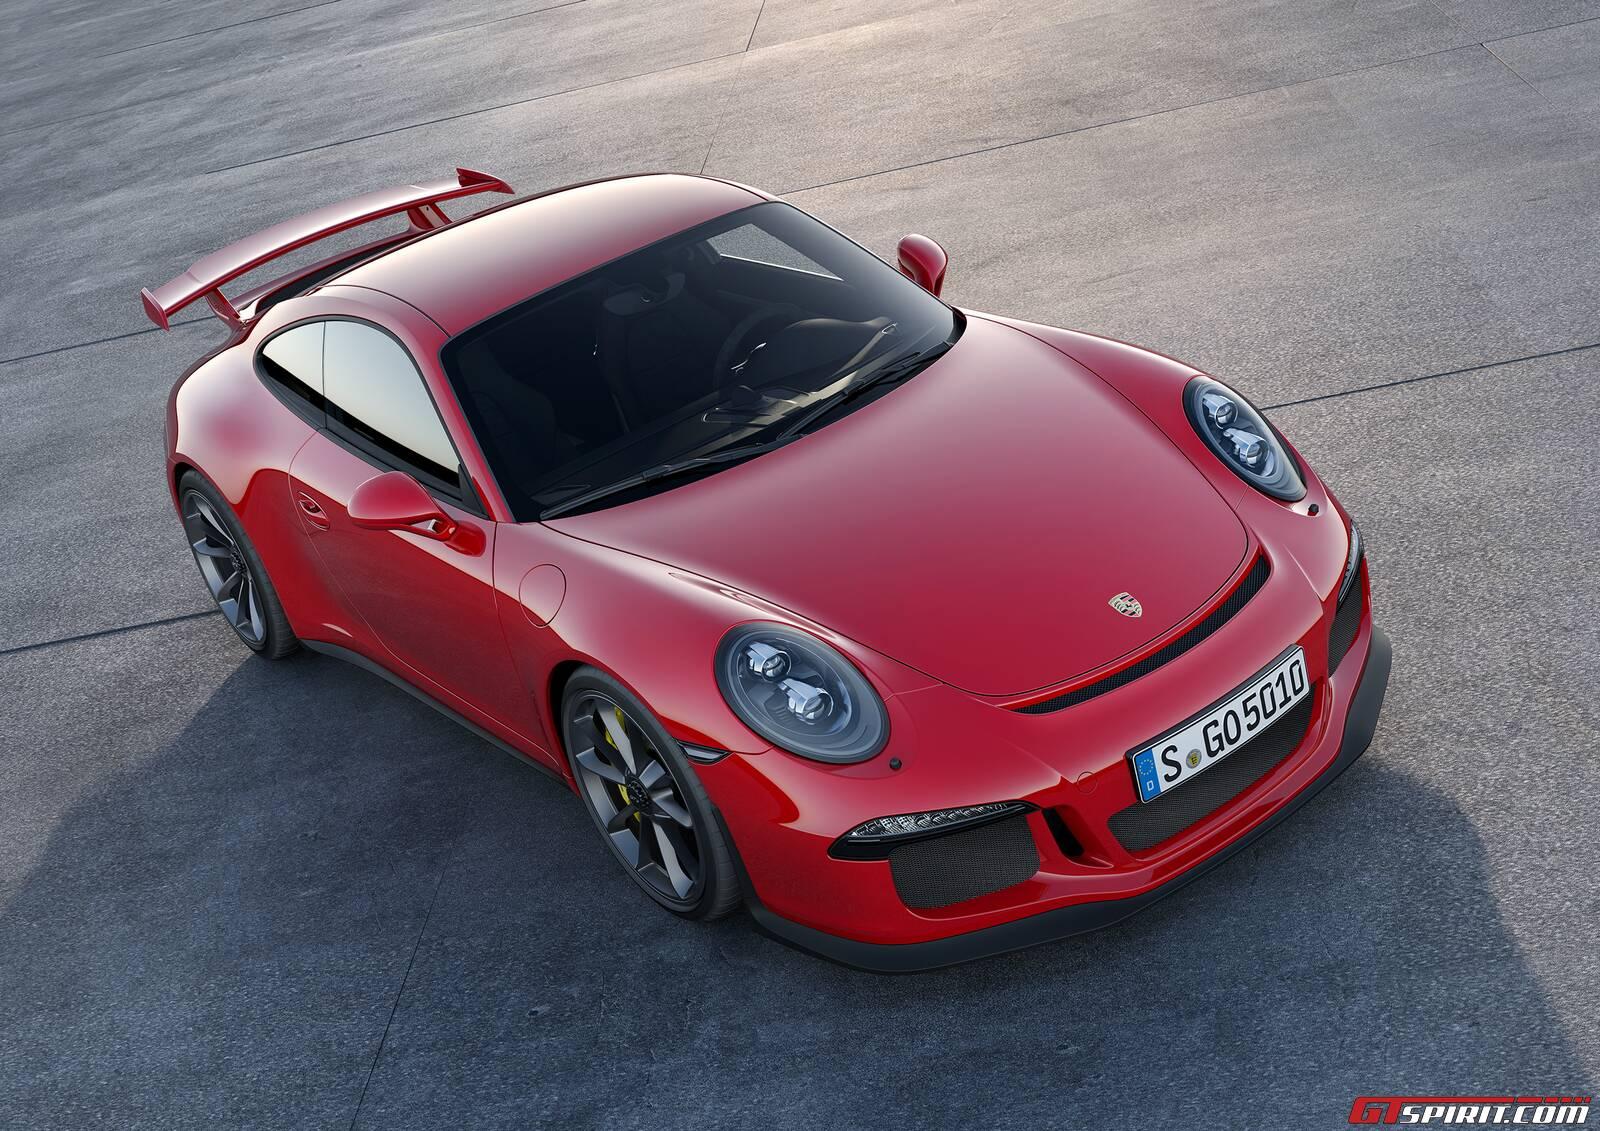 All 2014 Porsche 911 Gt3s